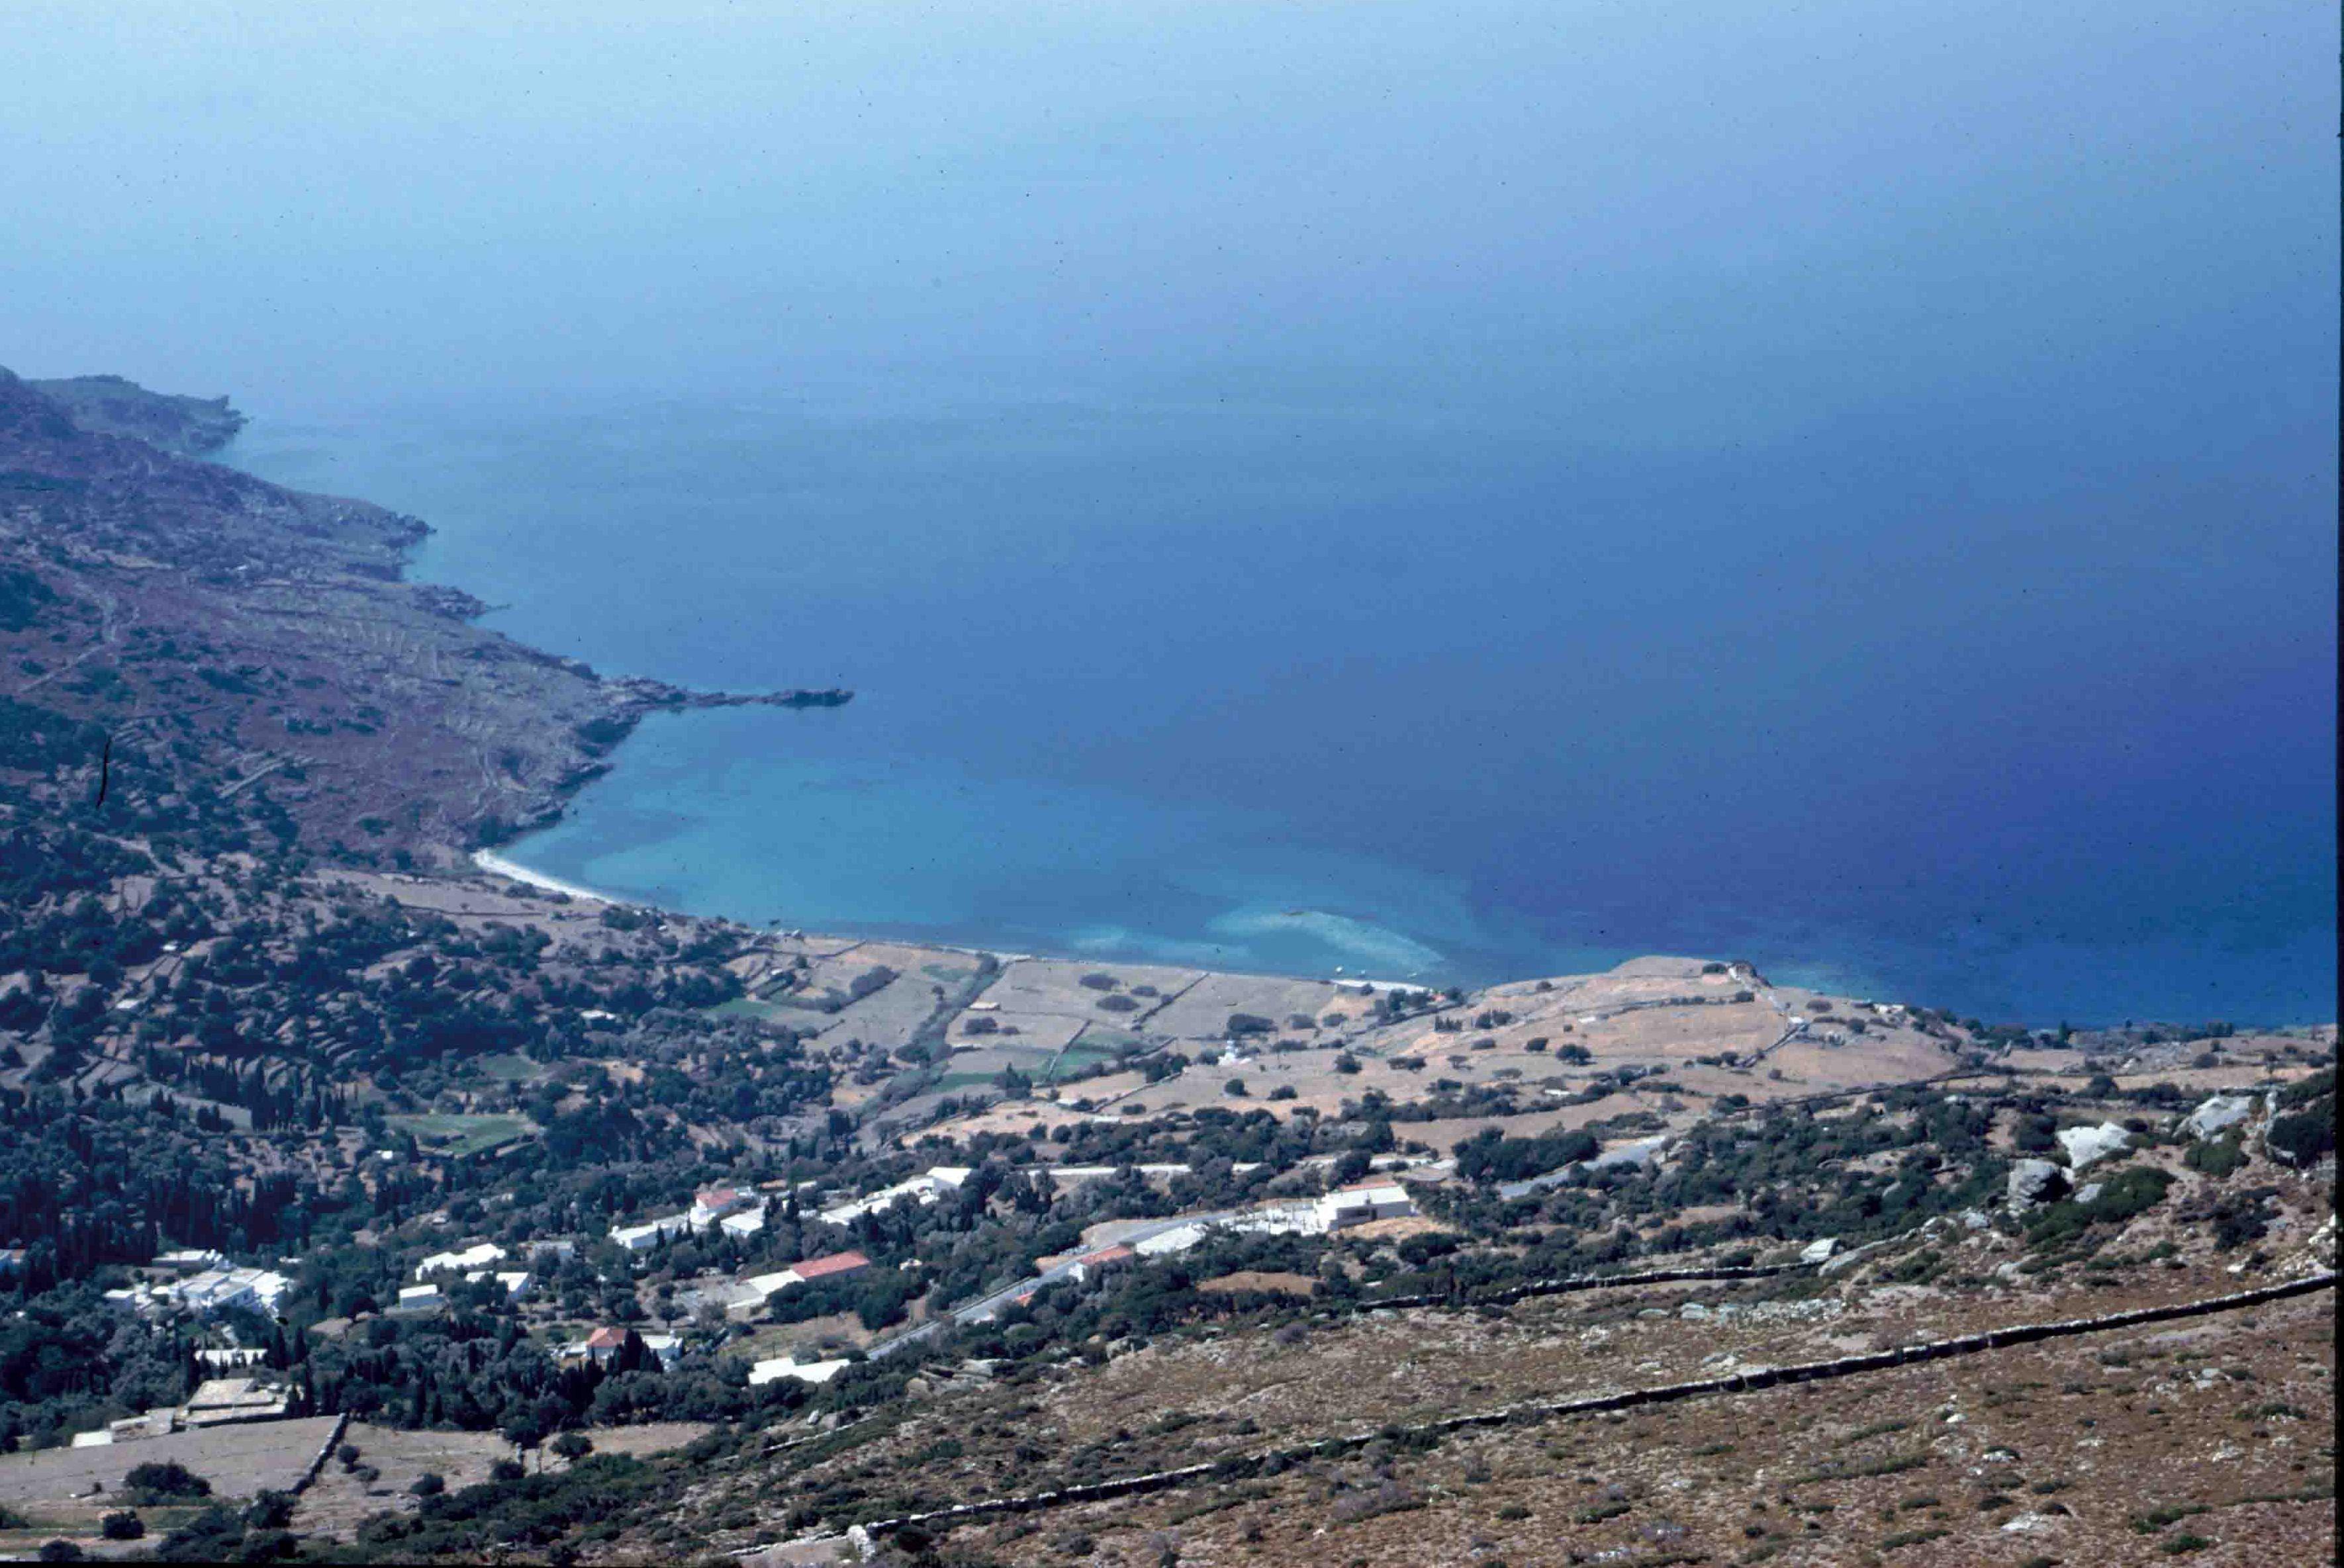 Η περιοχή όπου βρίσκεται η Παλαιόπολη είναι ιδιαίτερου φυσικού κάλλους.